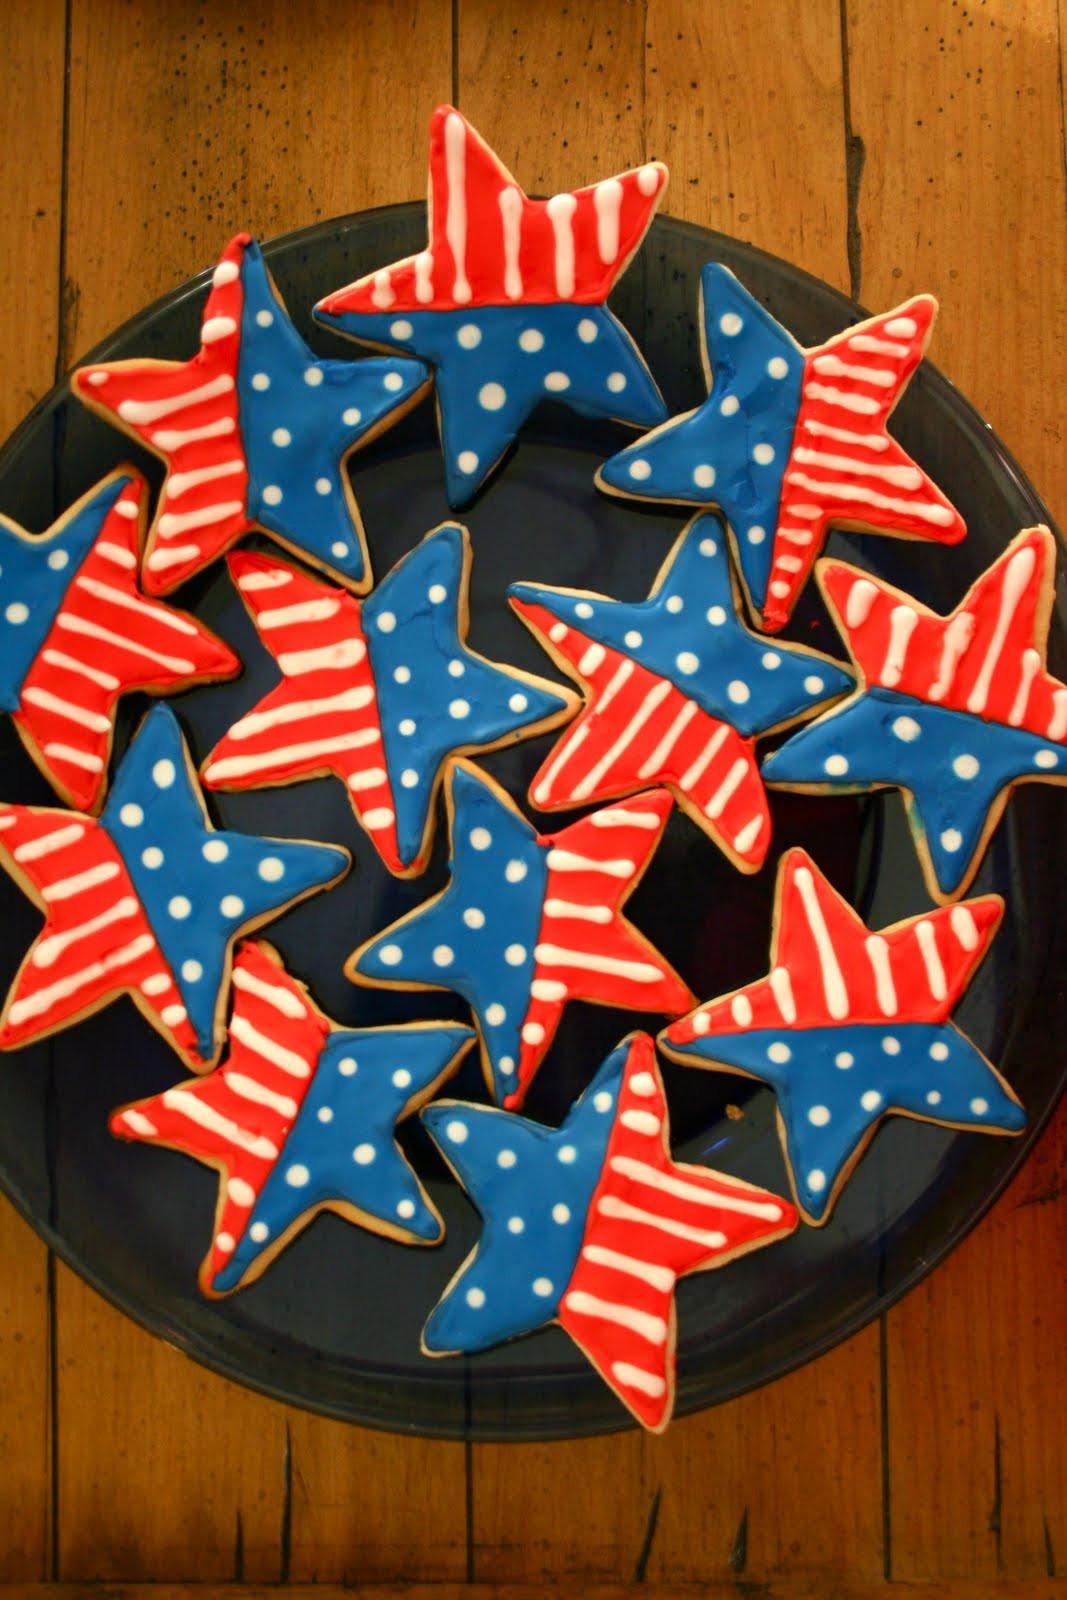 4Th Of July Sugar Cookies  4th of July Sugar Cookies A Dash of Megnut